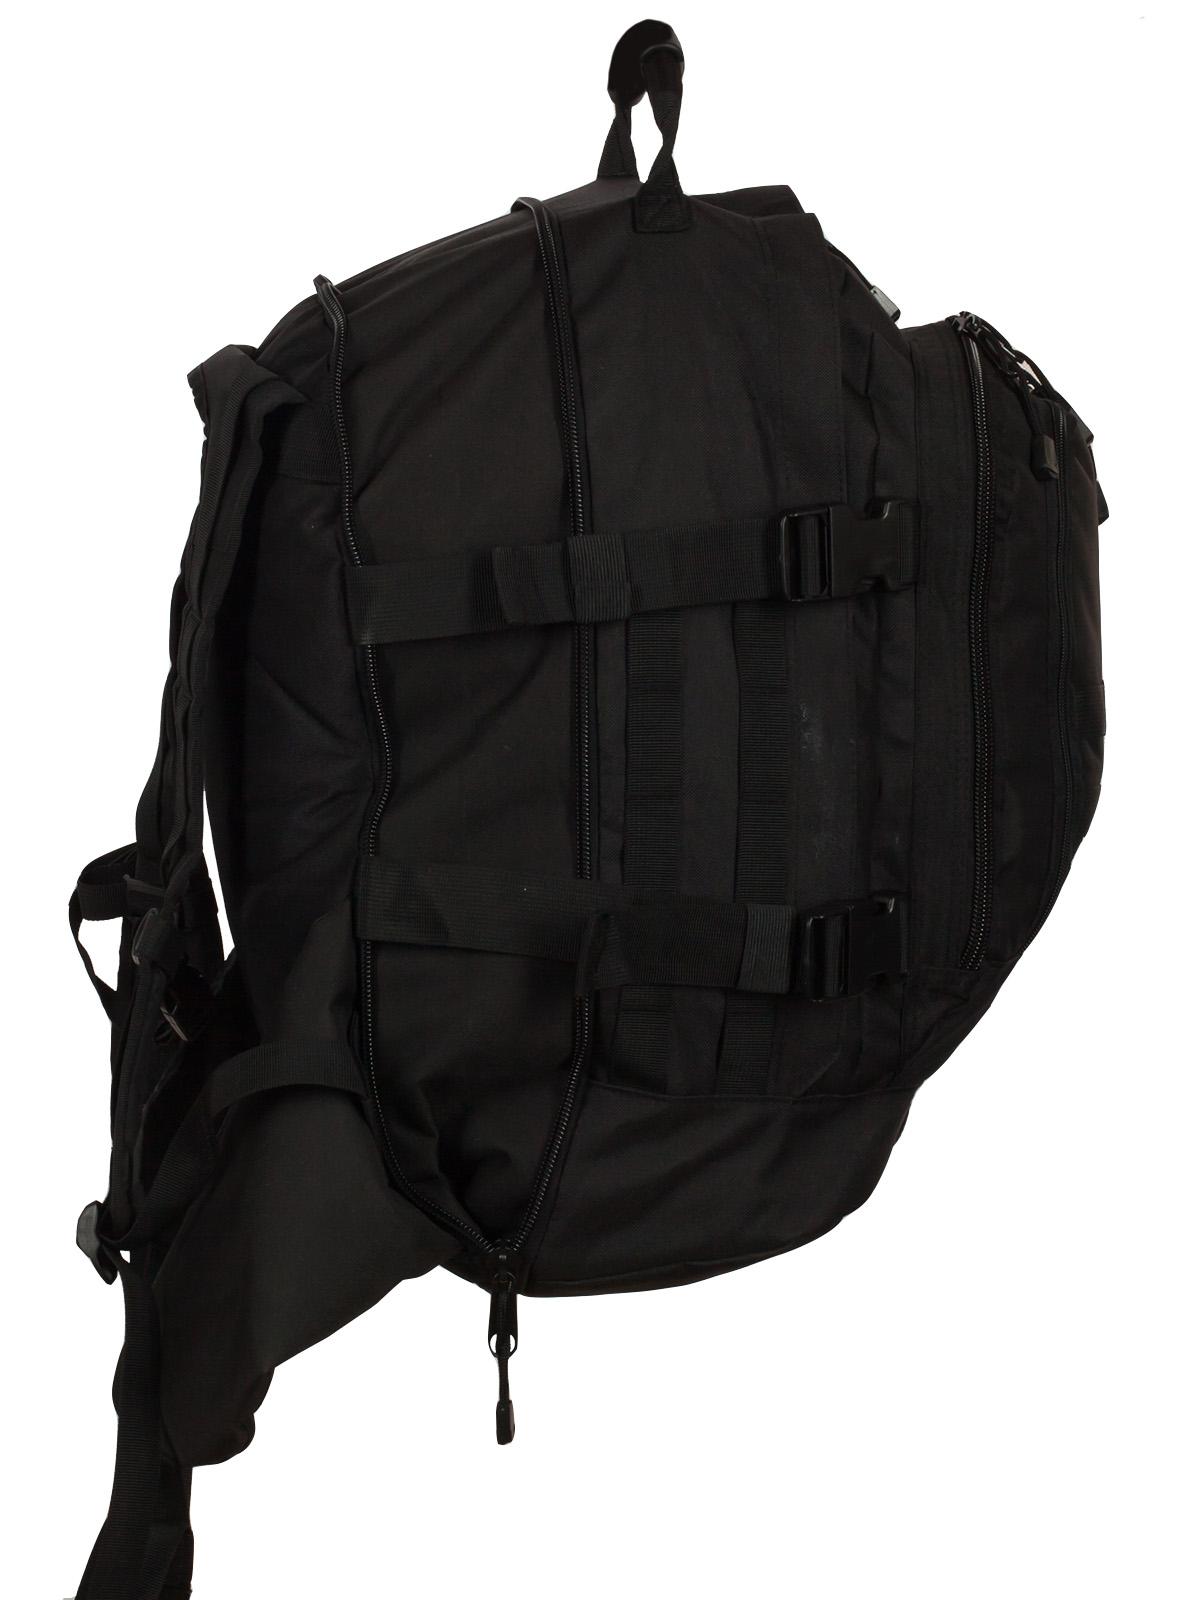 Черный армейский рюкзак с эмблемой МВД России купить оптом